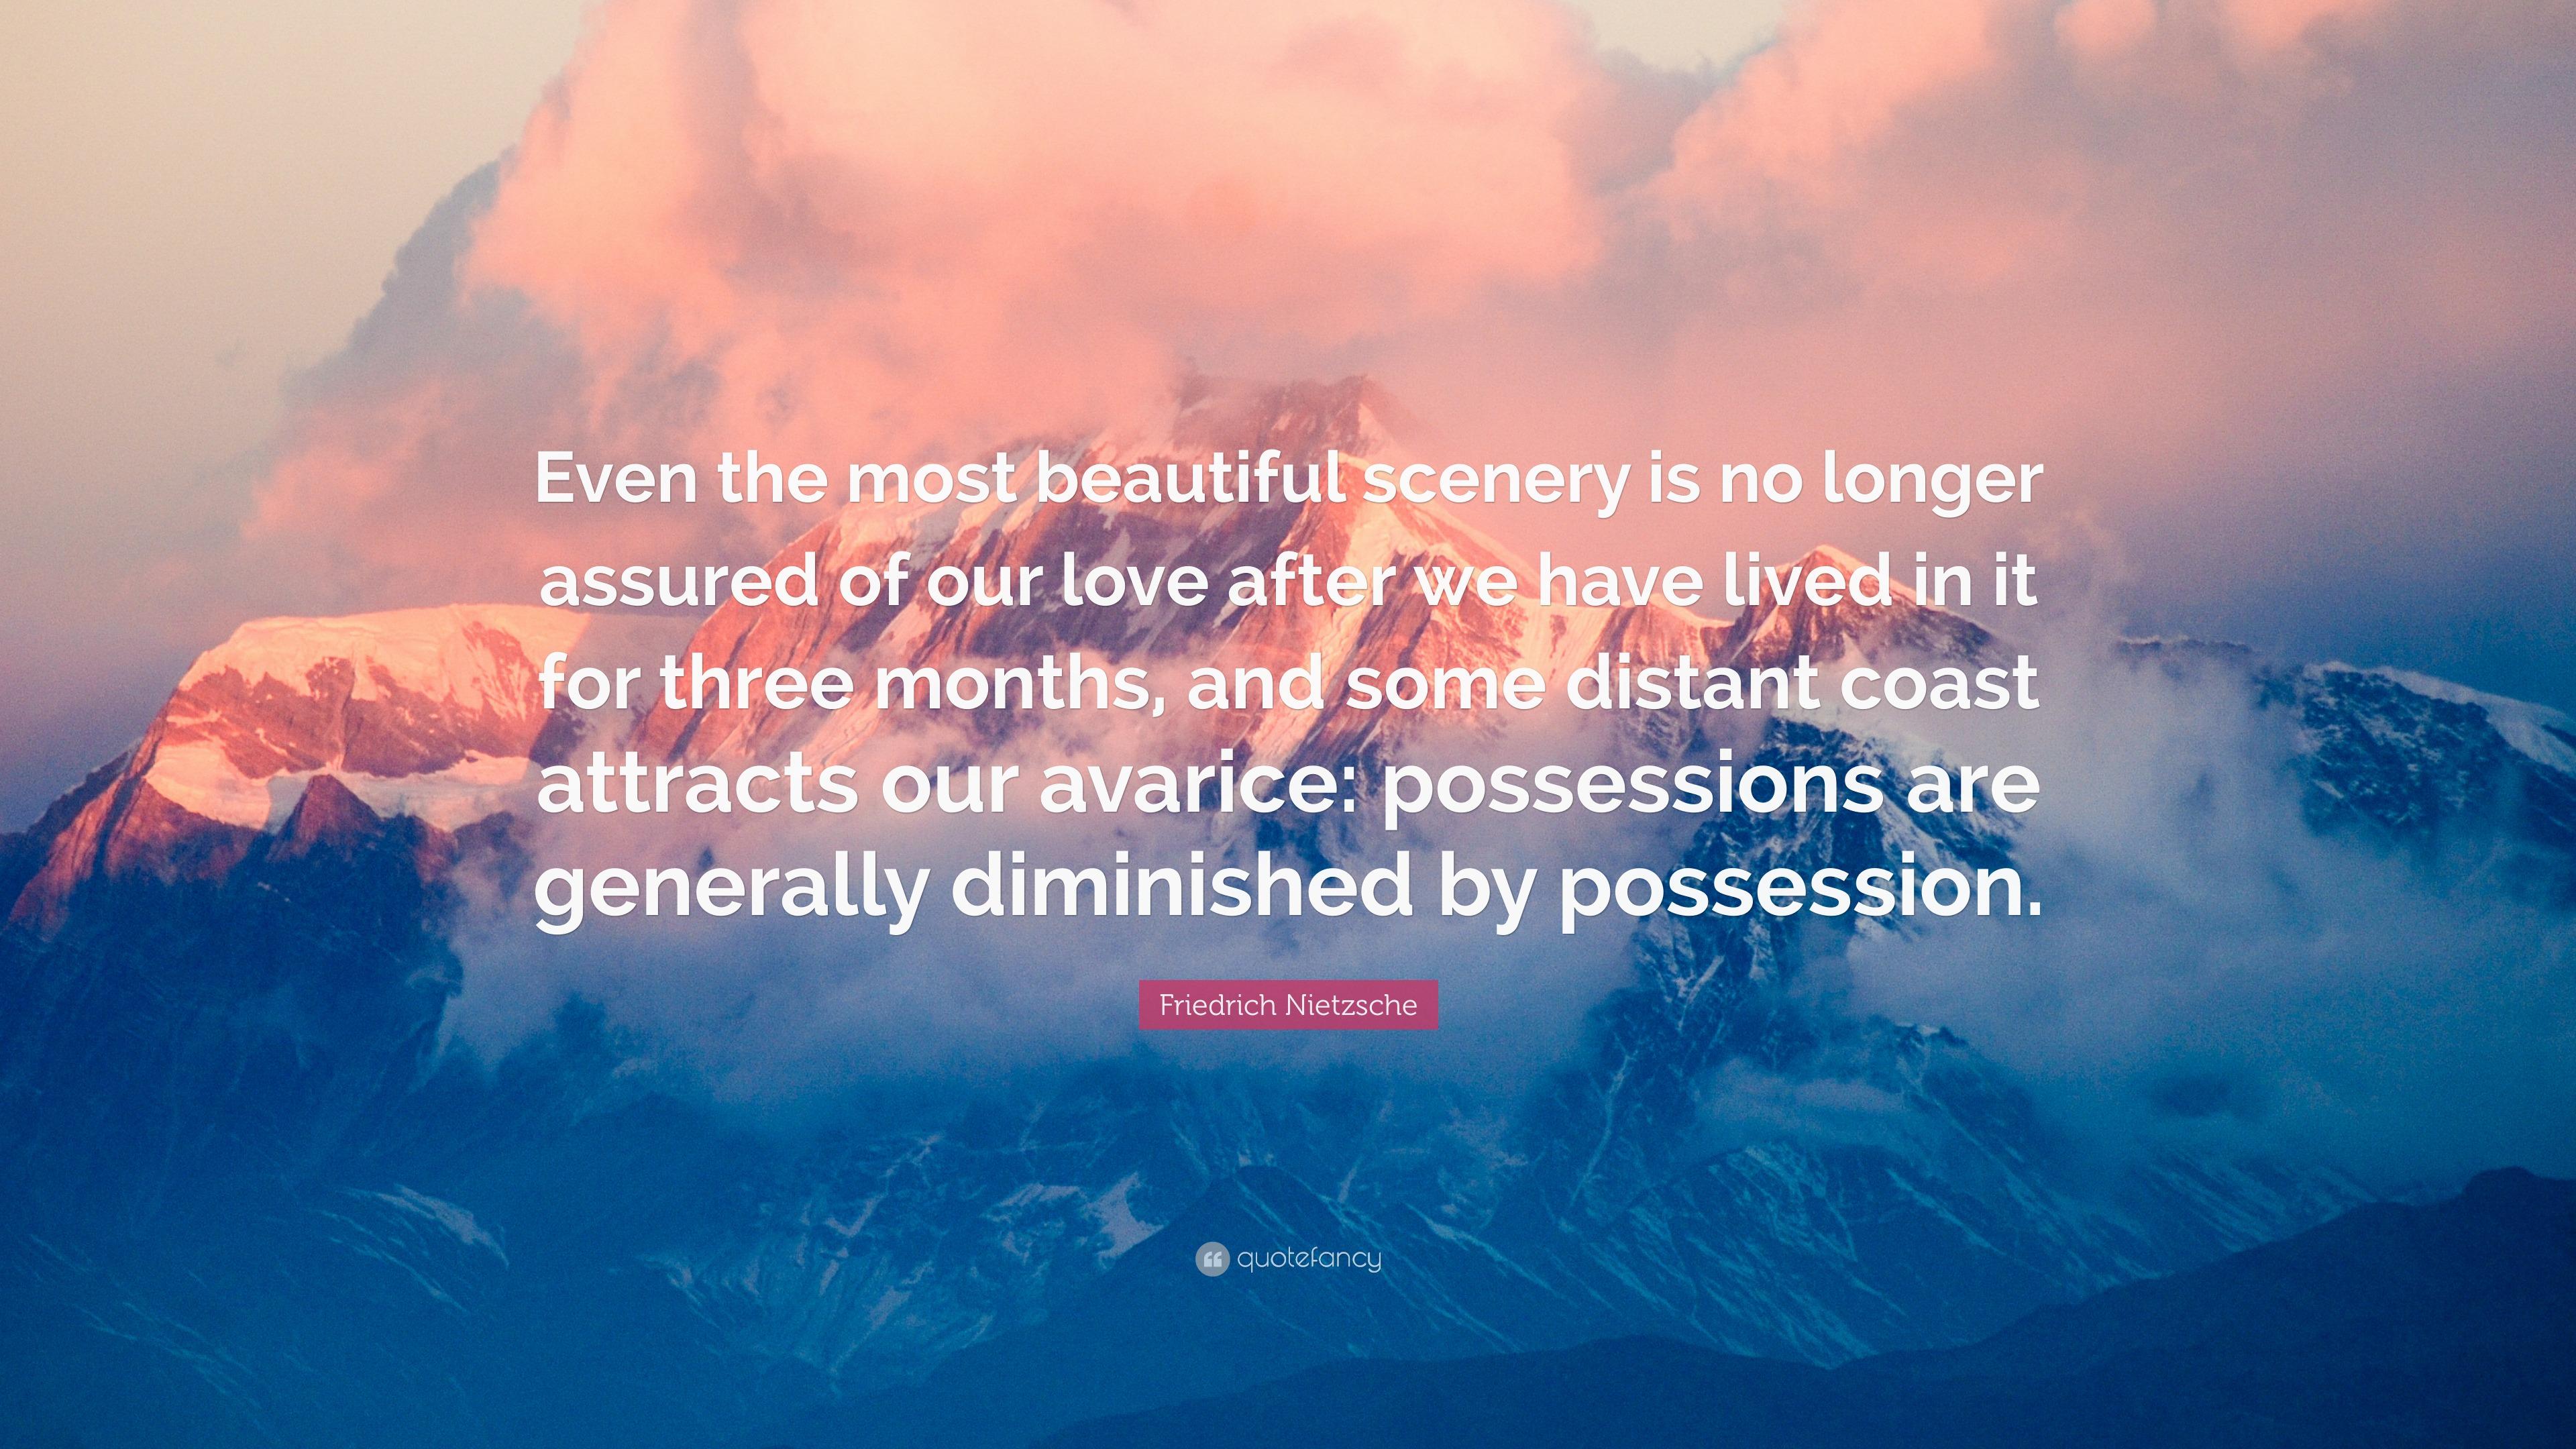 Popular Wallpaper Love Scenery - 3702426-Friedrich-Nietzsche-Quote-Even-the-most-beautiful-scenery-is-no  Snapshot_446796.jpg